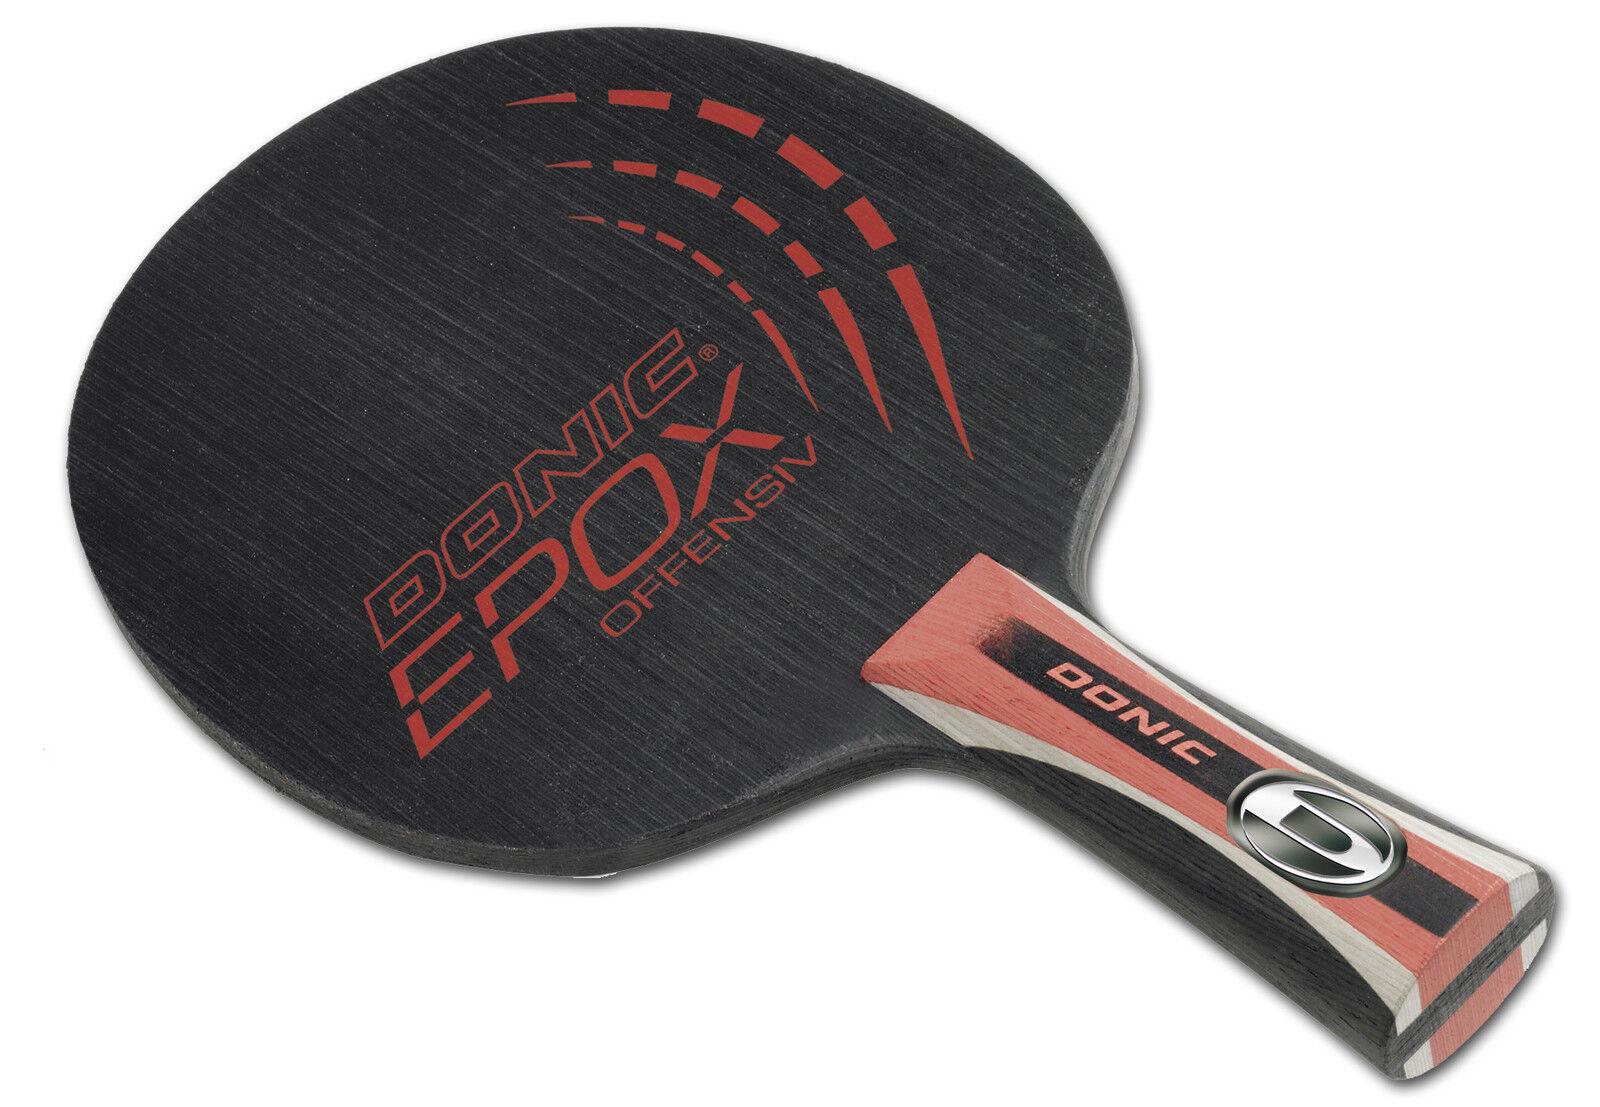 Donic Epox Offensive Tennis de Table-Bois Raquette de Tennis de Table